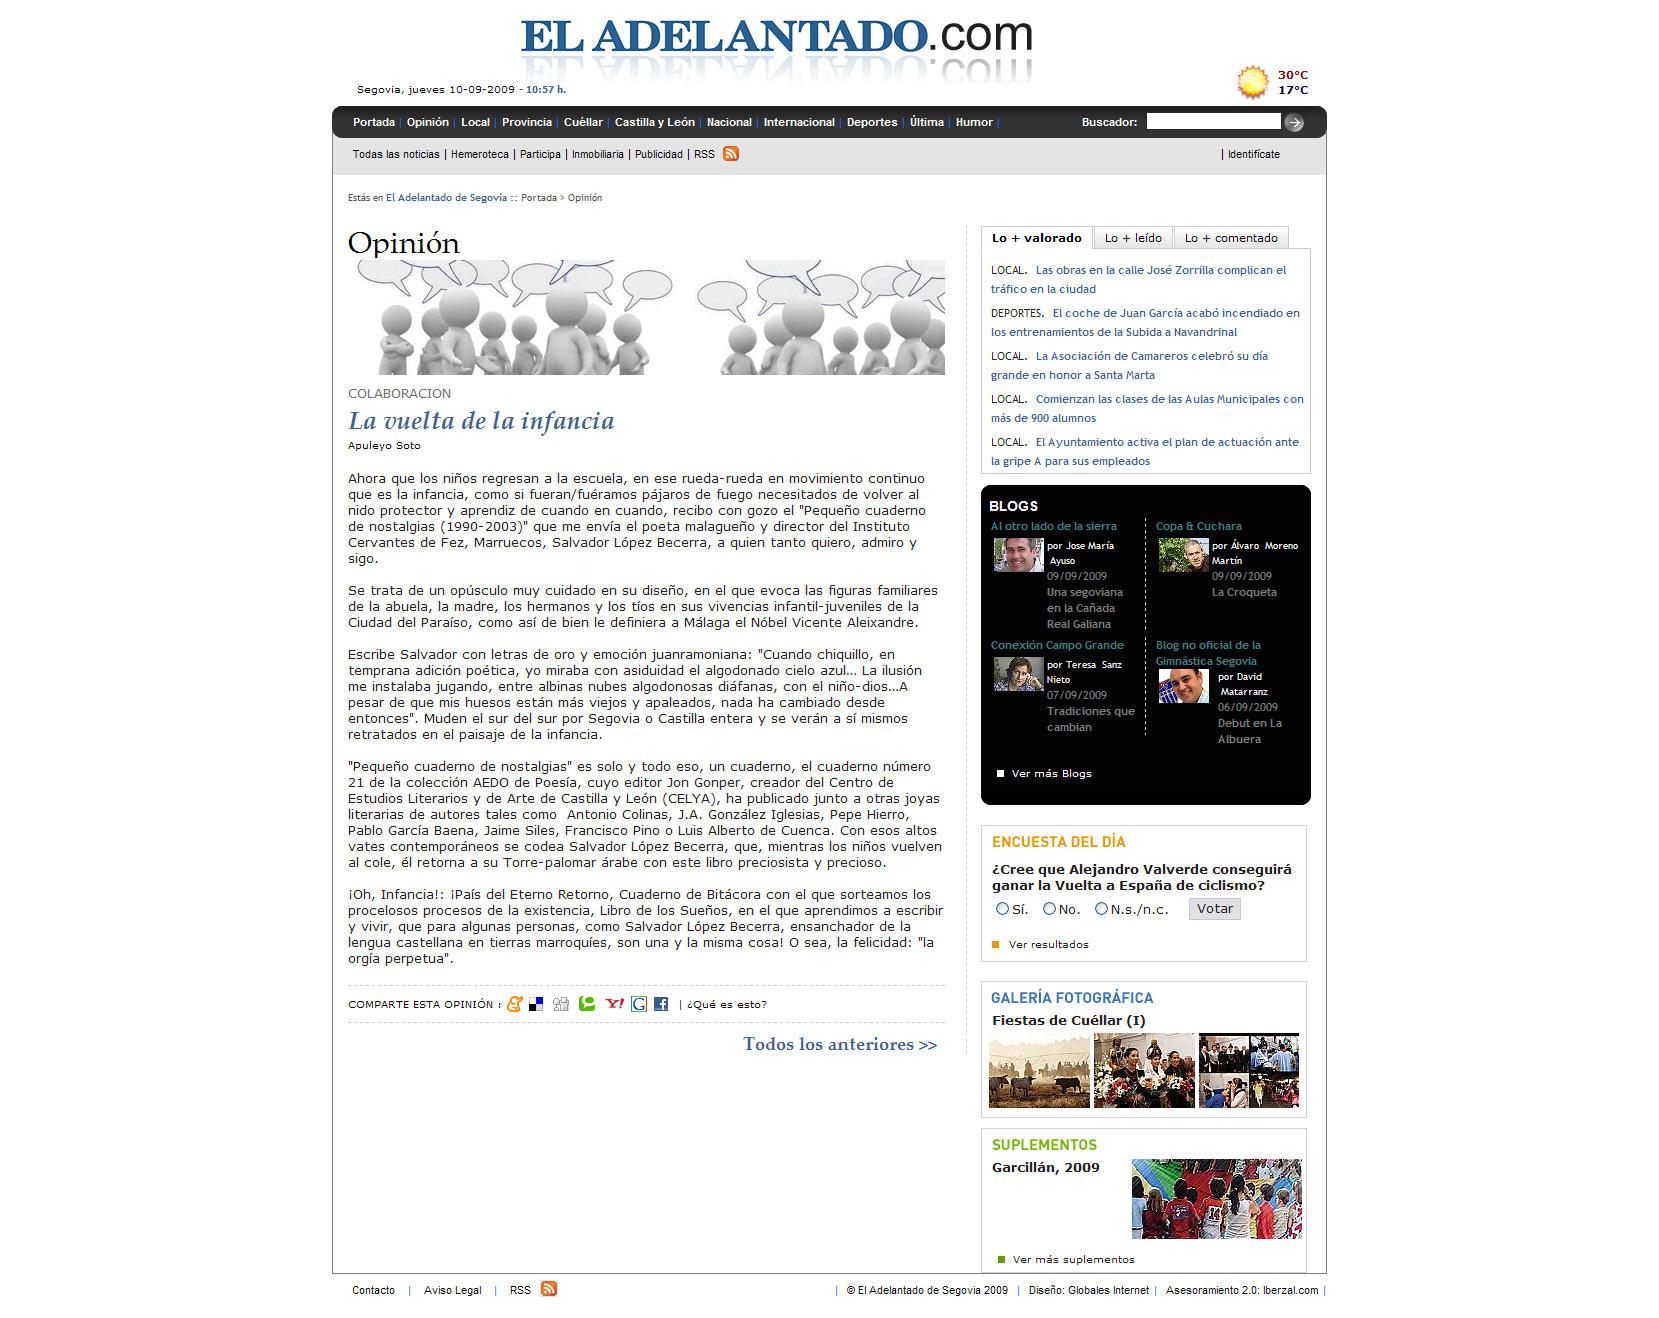 EL ADELANTADO DE SEGOVIA: El Aedo 21, por Apuleyo Soto.